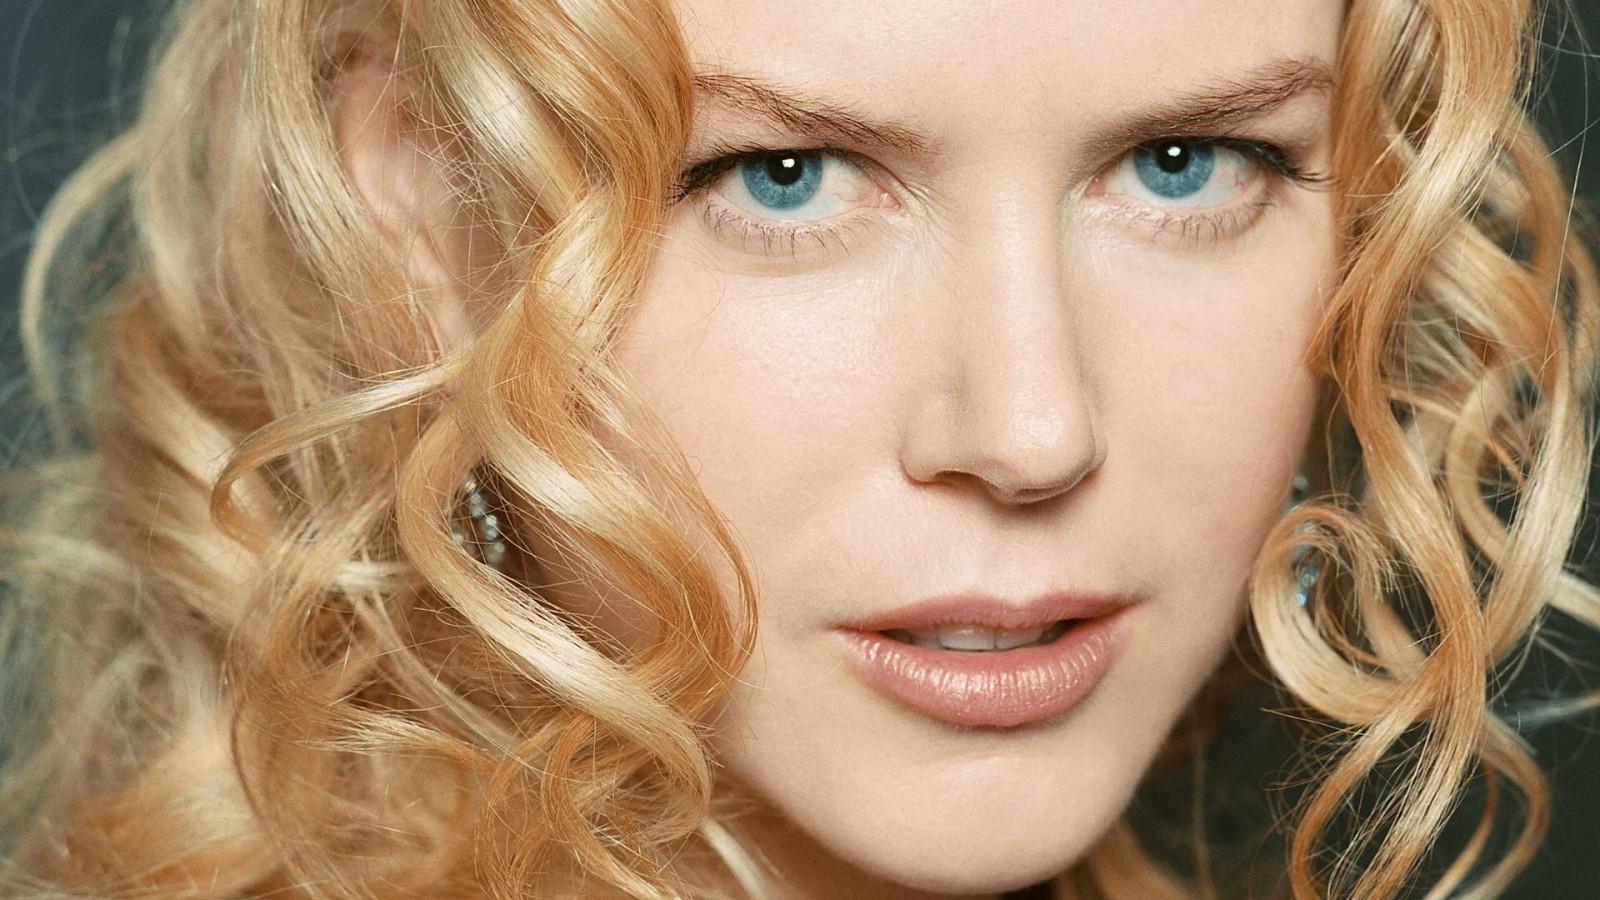 Women Blonde Blue Eyes Long Hair Wavy Hair Portrait: Wallpaper : Face, Women, Model, Long Hair, Blue Eyes